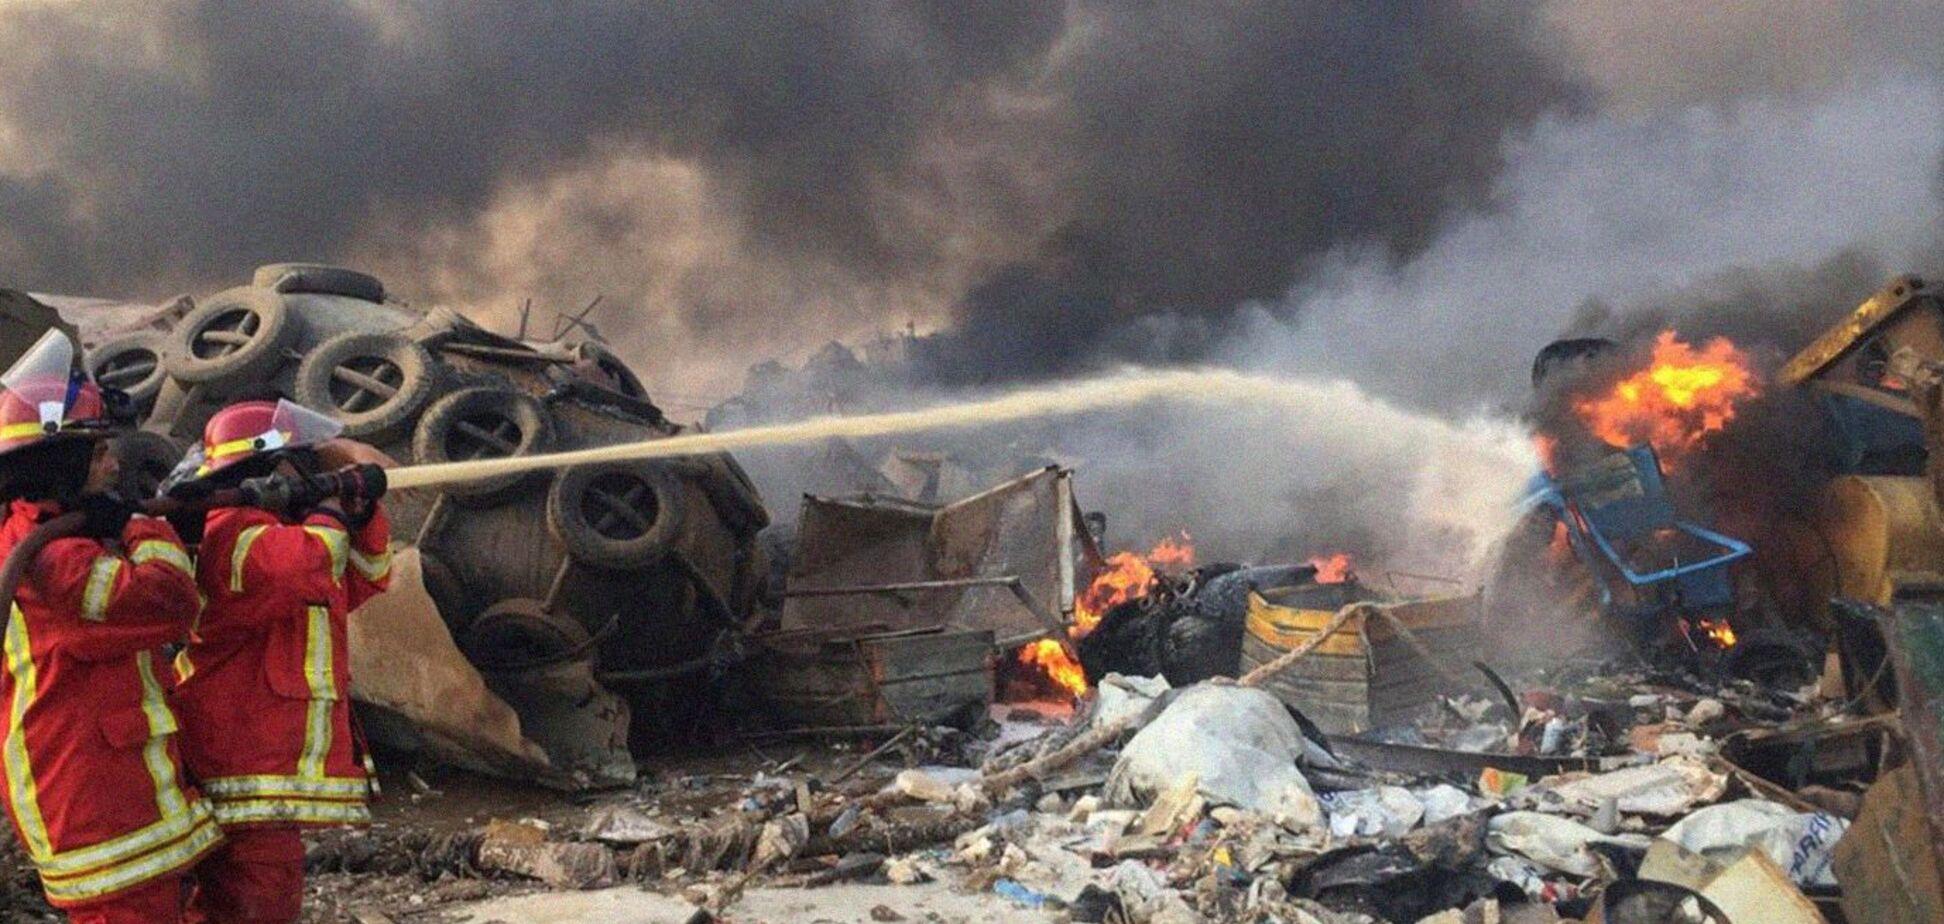 Появилось снятое погибшими жителями Бейрута видео взрыва